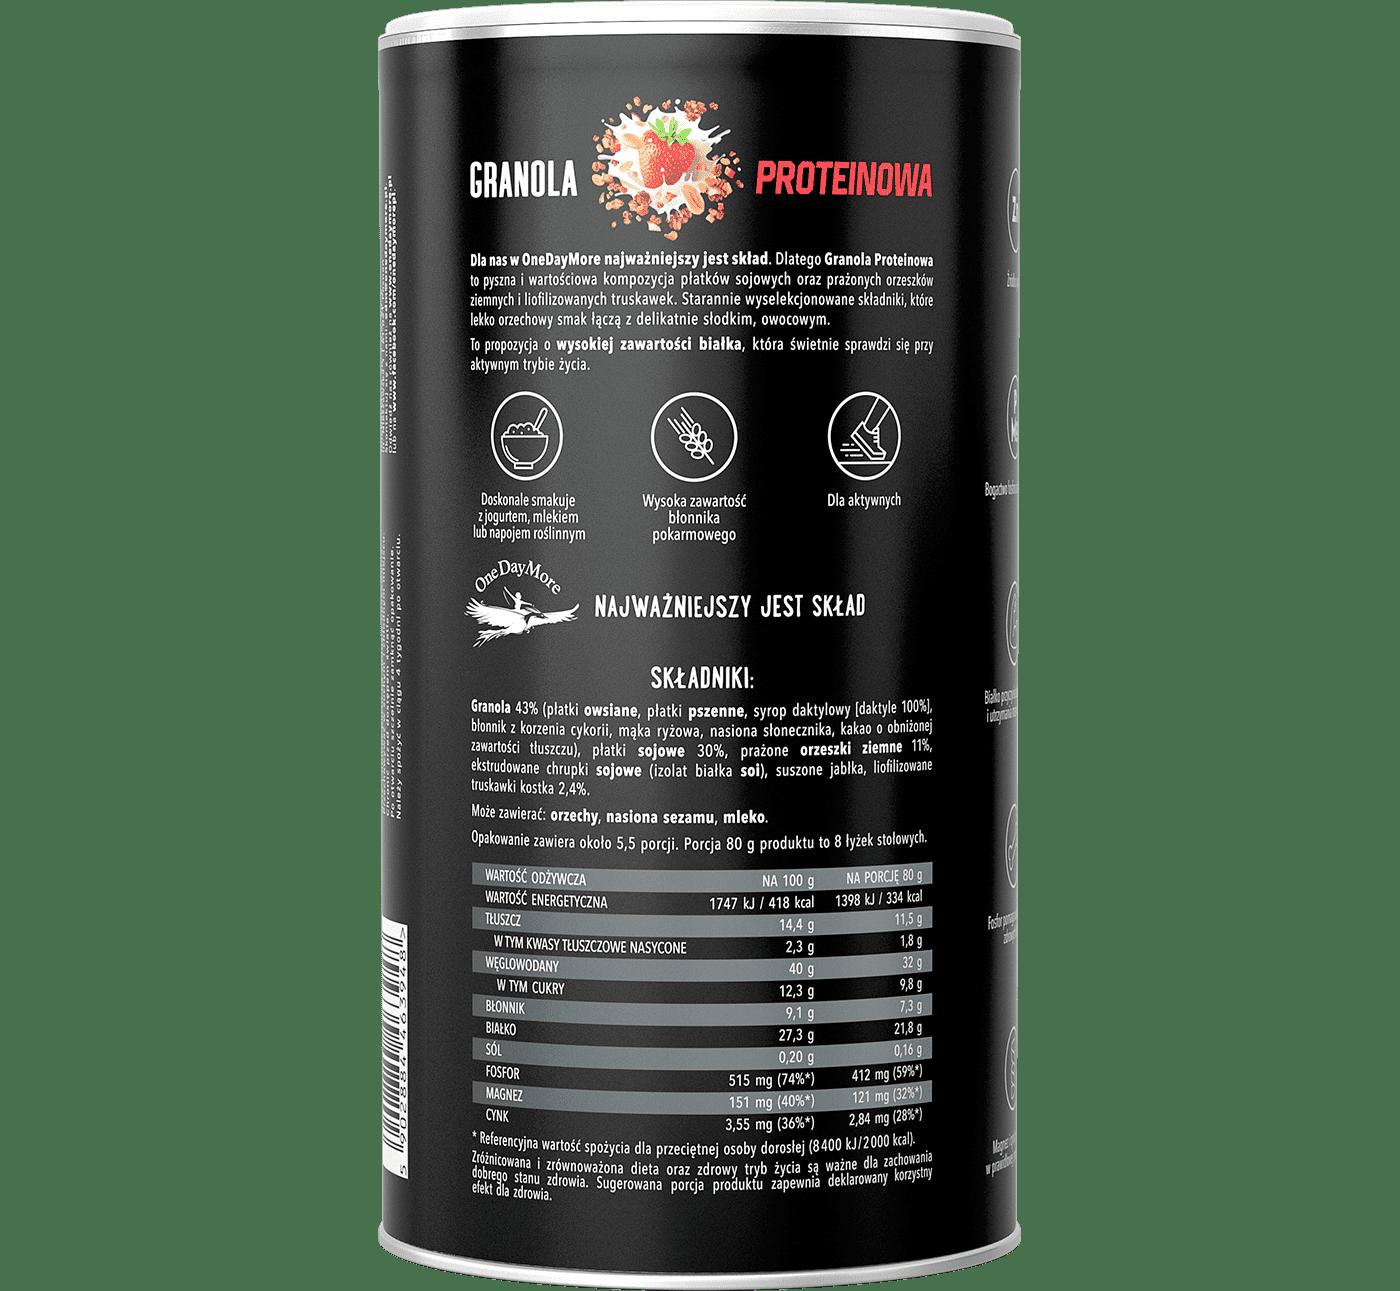 granola-proteinowa-onedaymore-tyl-1400×1291